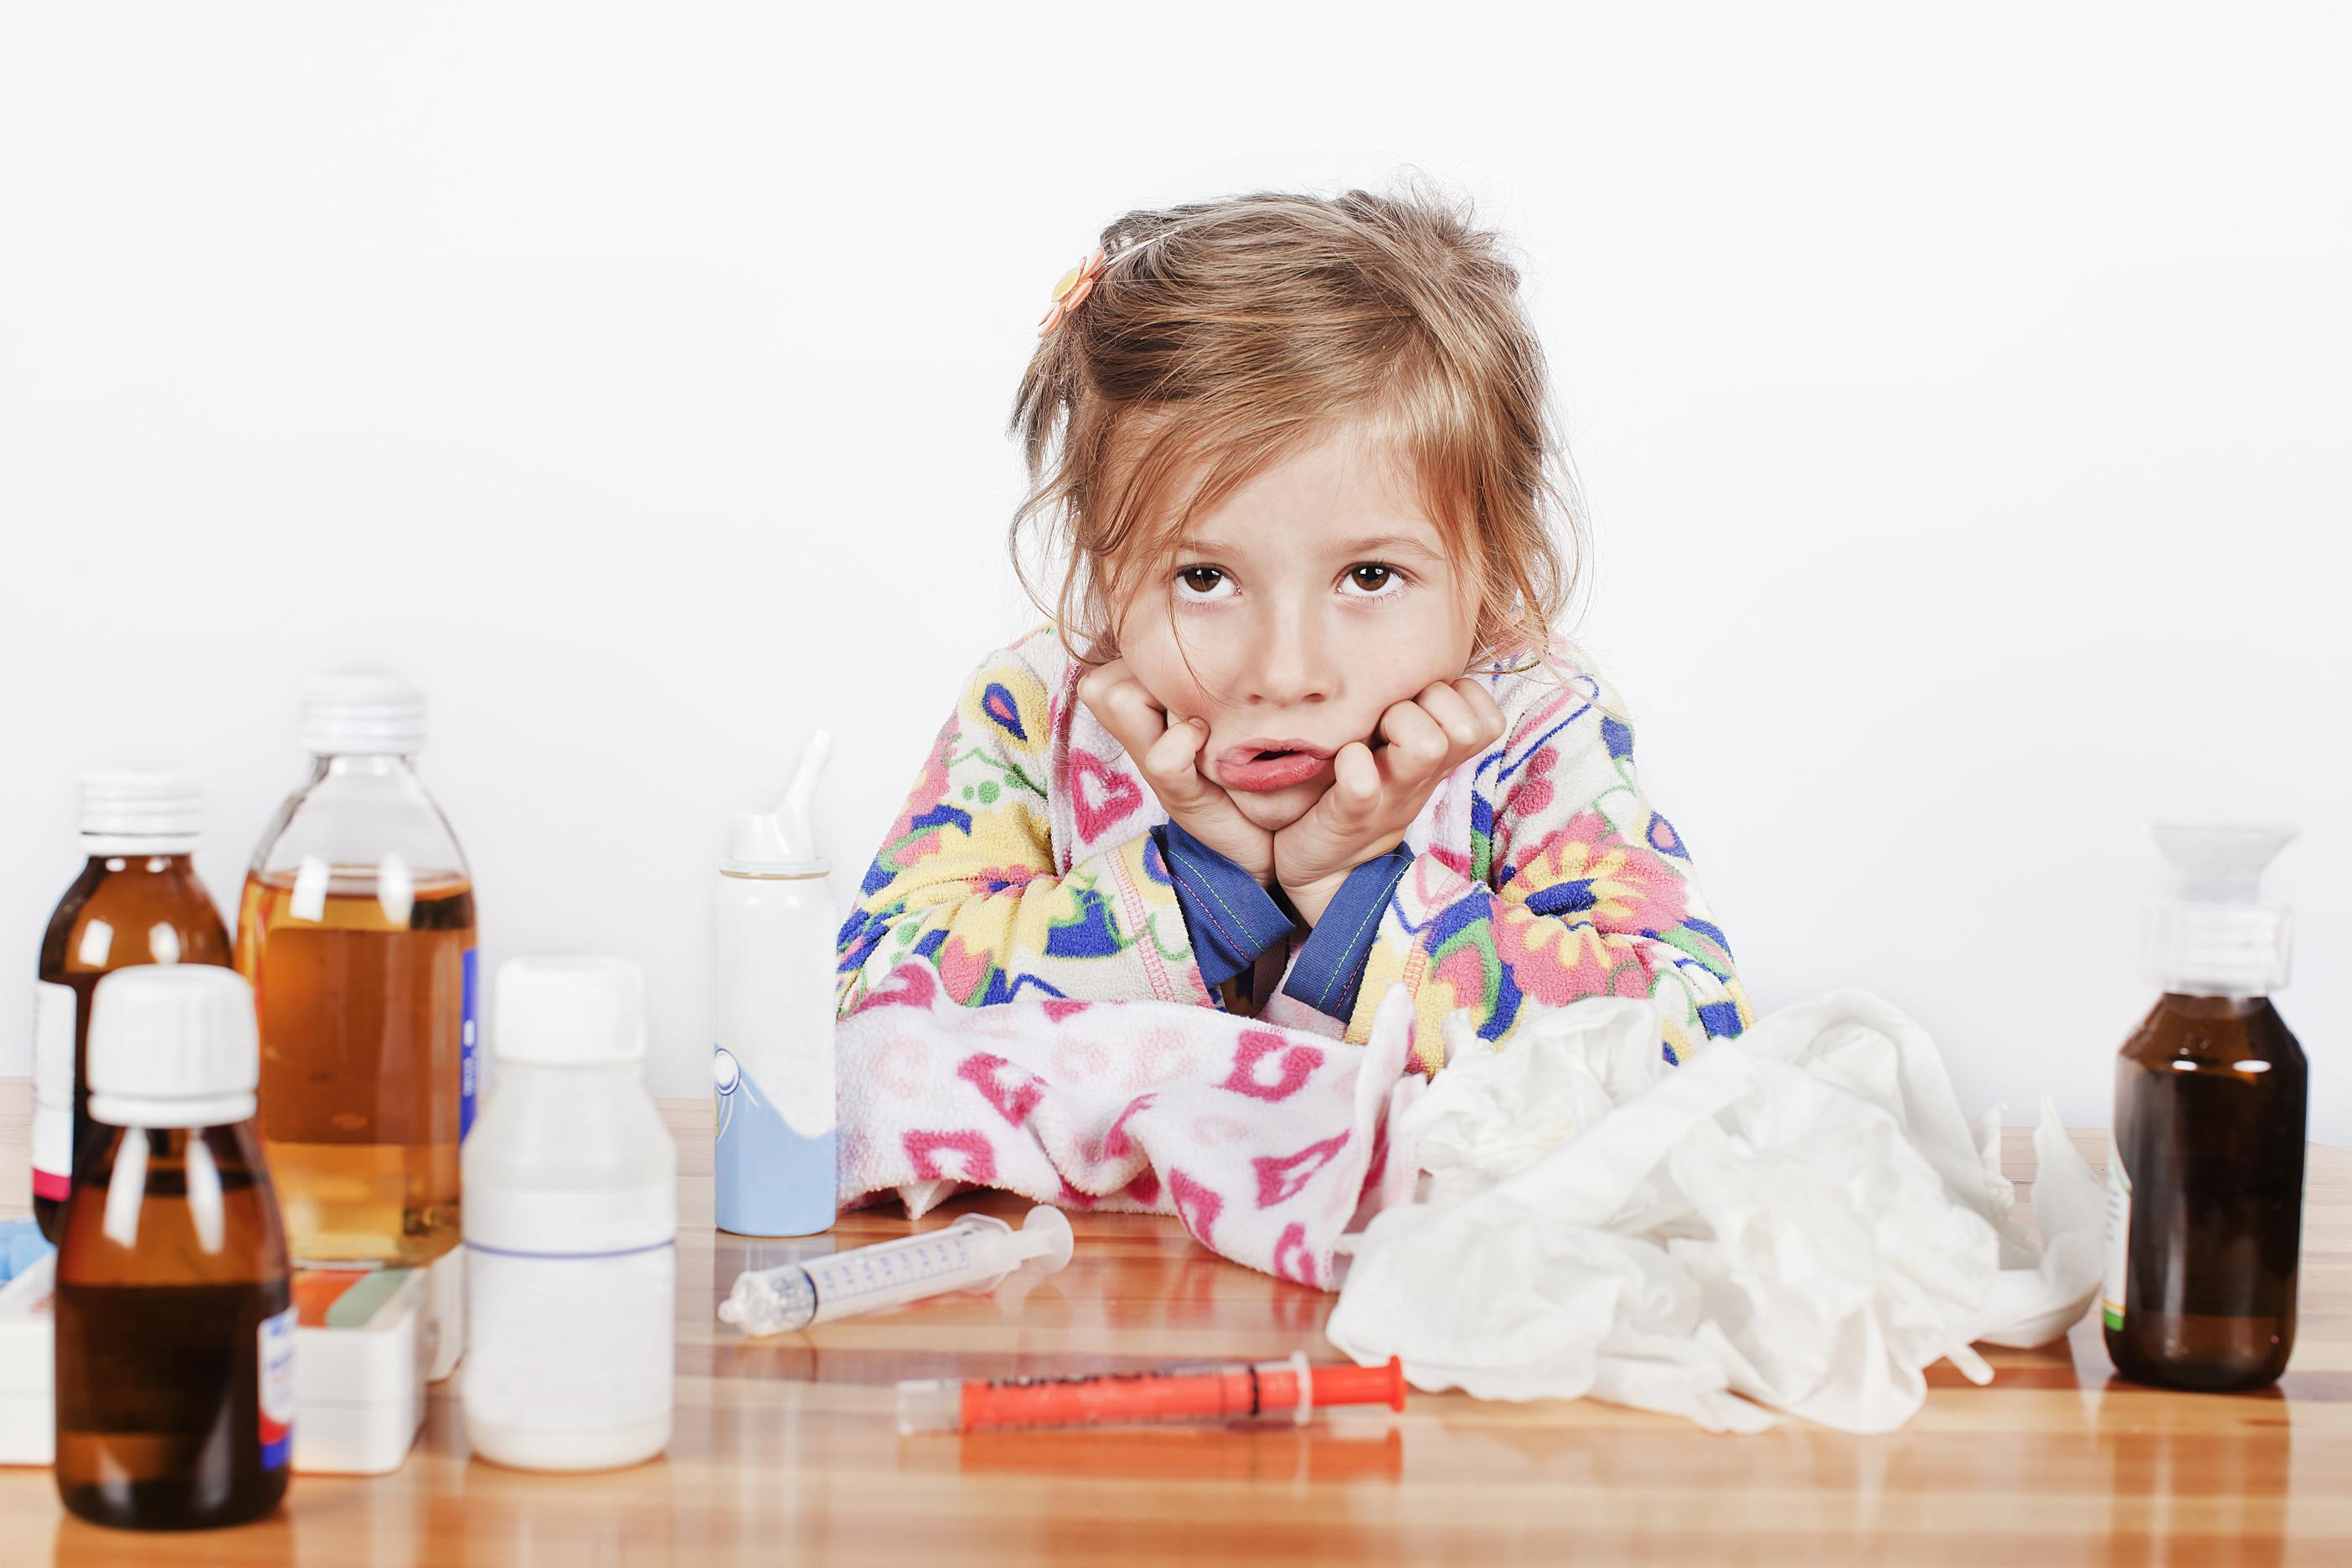 sarampo crianca com aspecto de doente sentada de frente para uma mesa co varios remedios em cima da mesa